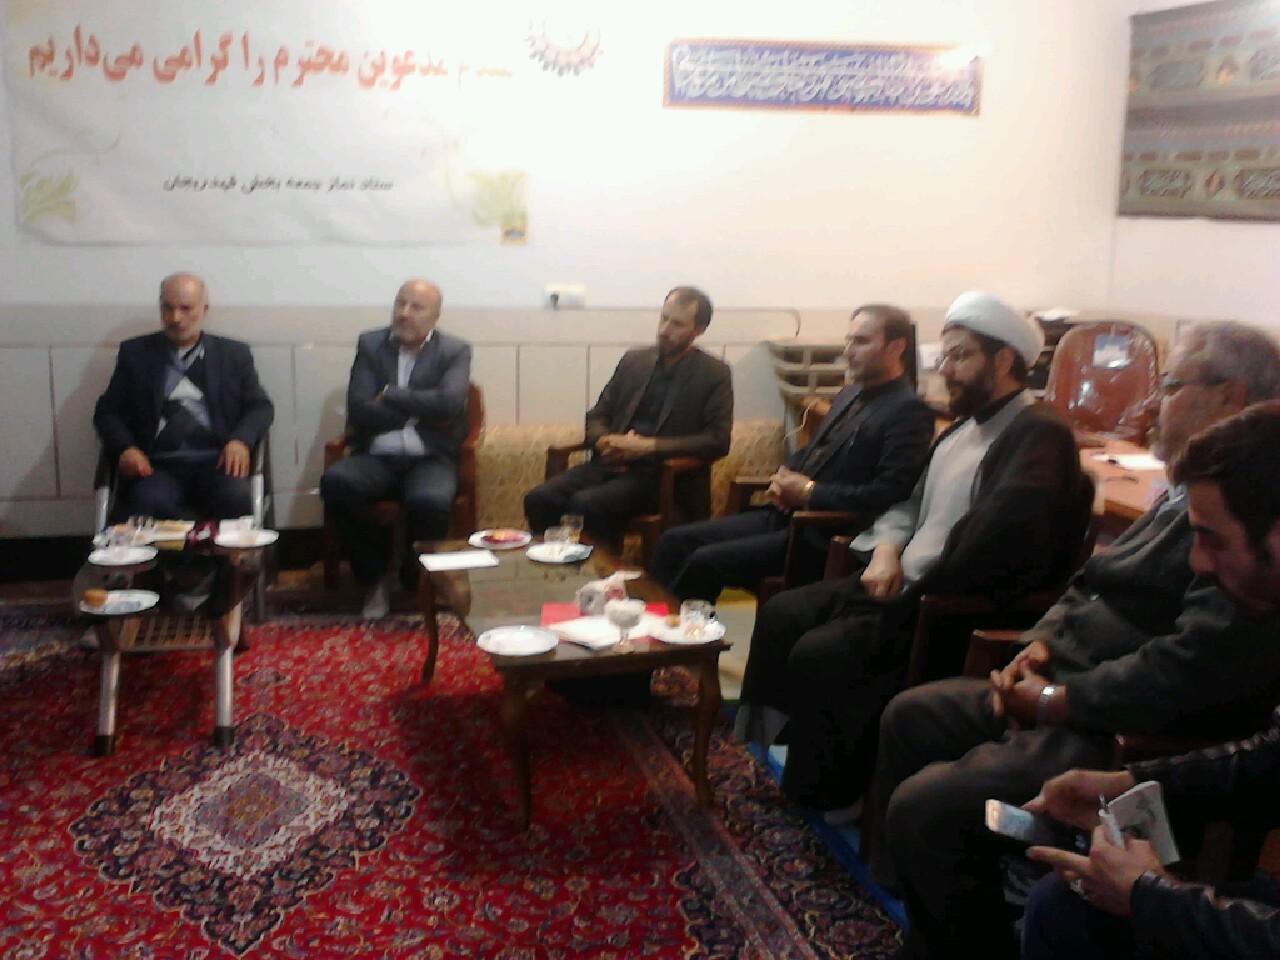 برگزاری جلسه کمیته مالی و پشتیبانی کنگره شهدا با حضور اعضا و امام جمعه محترم قهدریجان